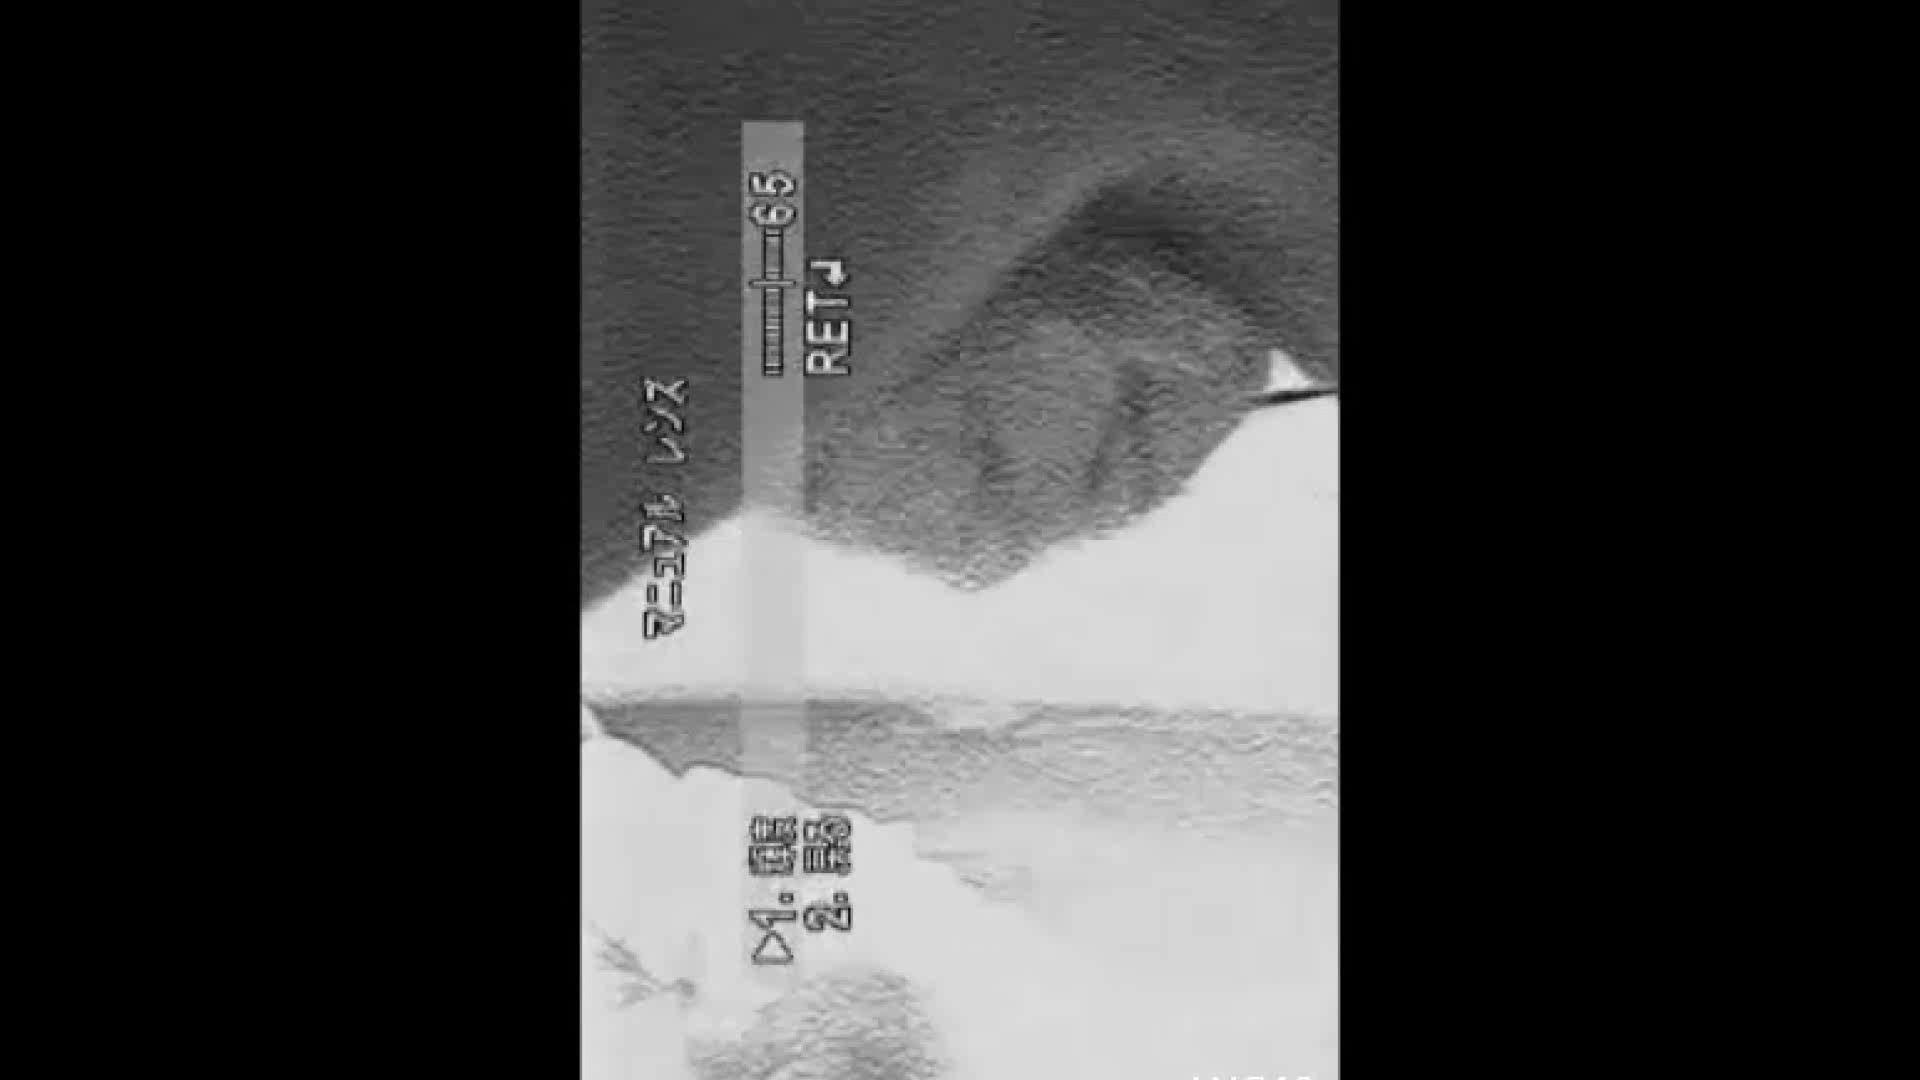 キレカワ女子大生の秘密の洗面所!Vol.021 学校 | 女子大生H事情  58PIX 41